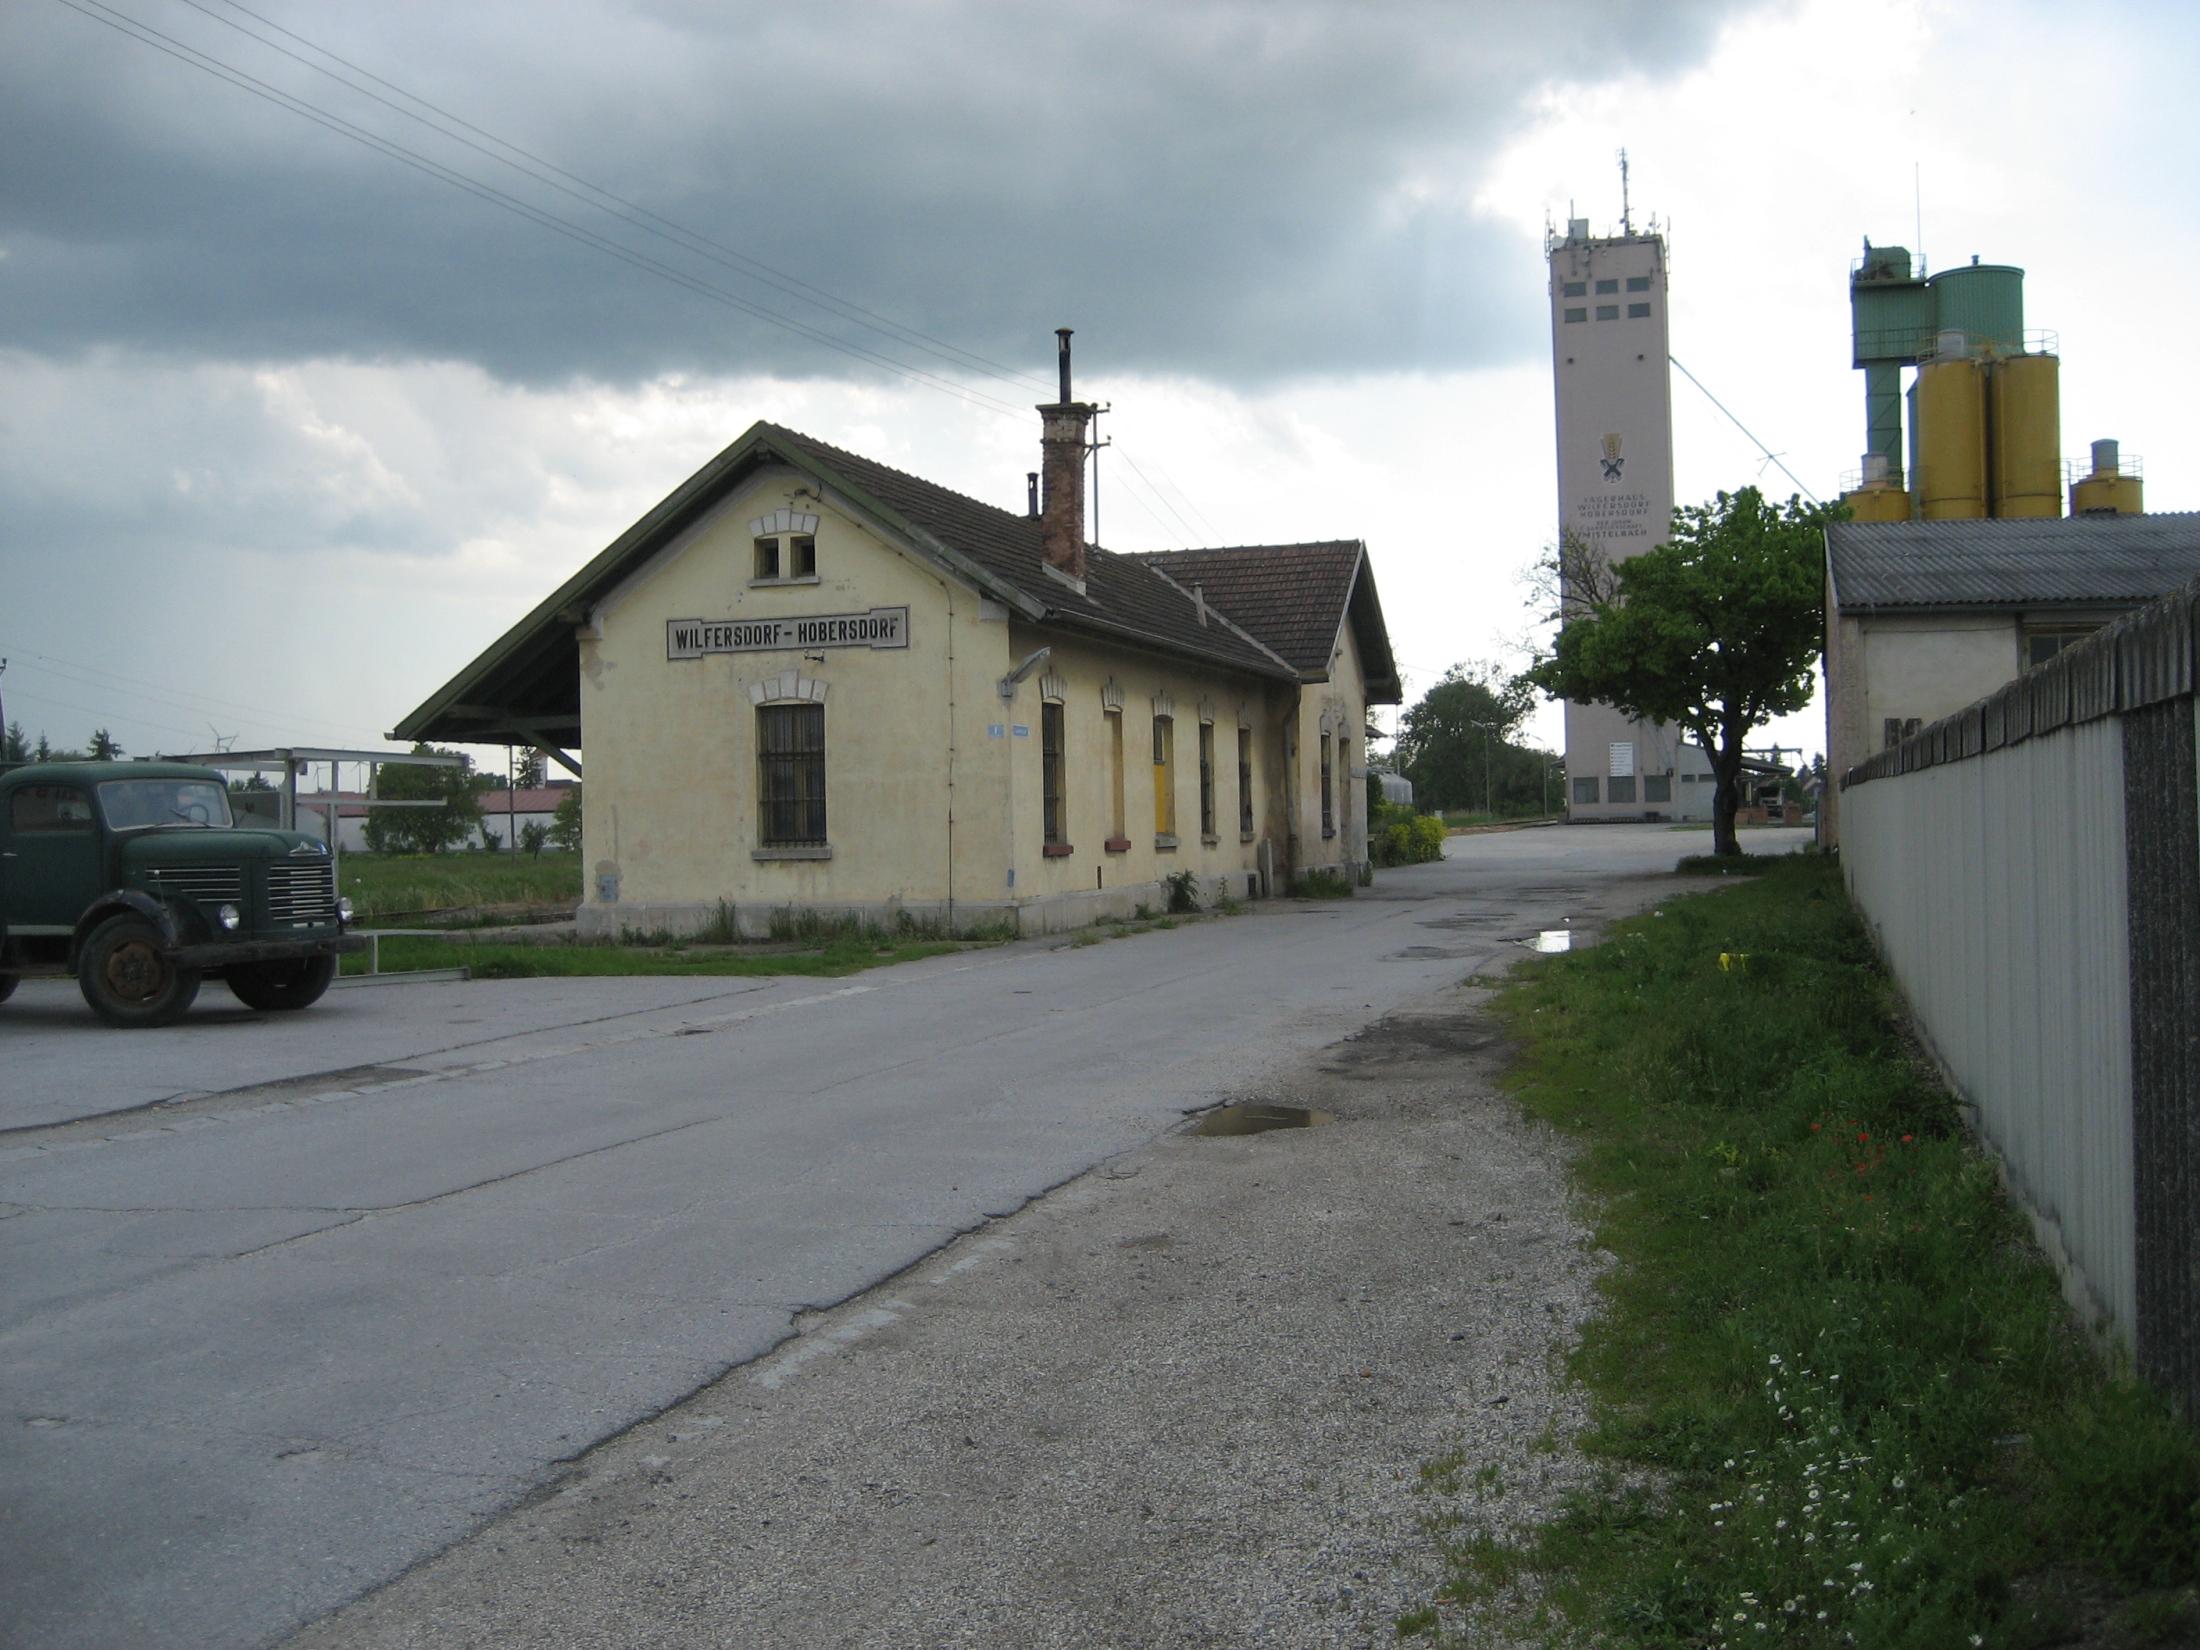 Gemeindeamt Wilfersdorf - Wilfersdorf - RiS-Kommunal